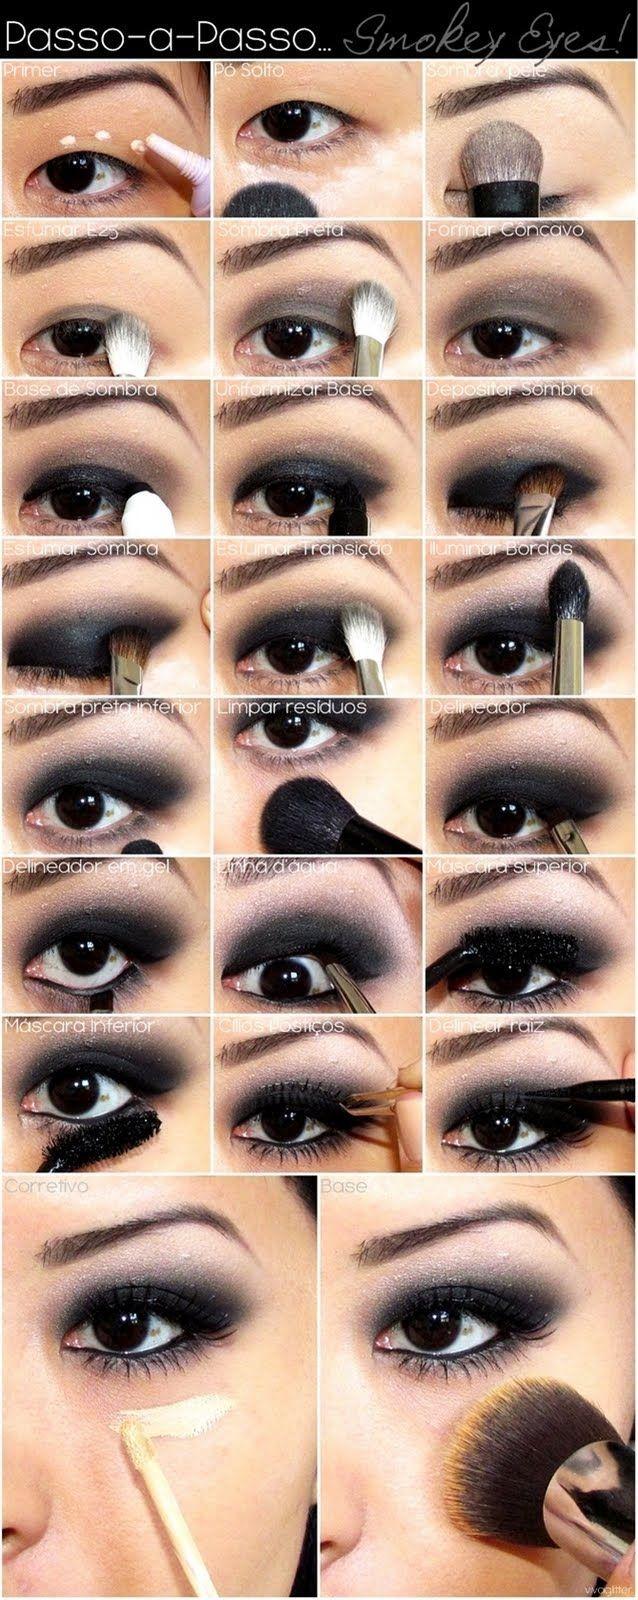 Blog Viva Glitter: Guia do Smokey Eyes - Produtos, dicas e passo-a-passo!